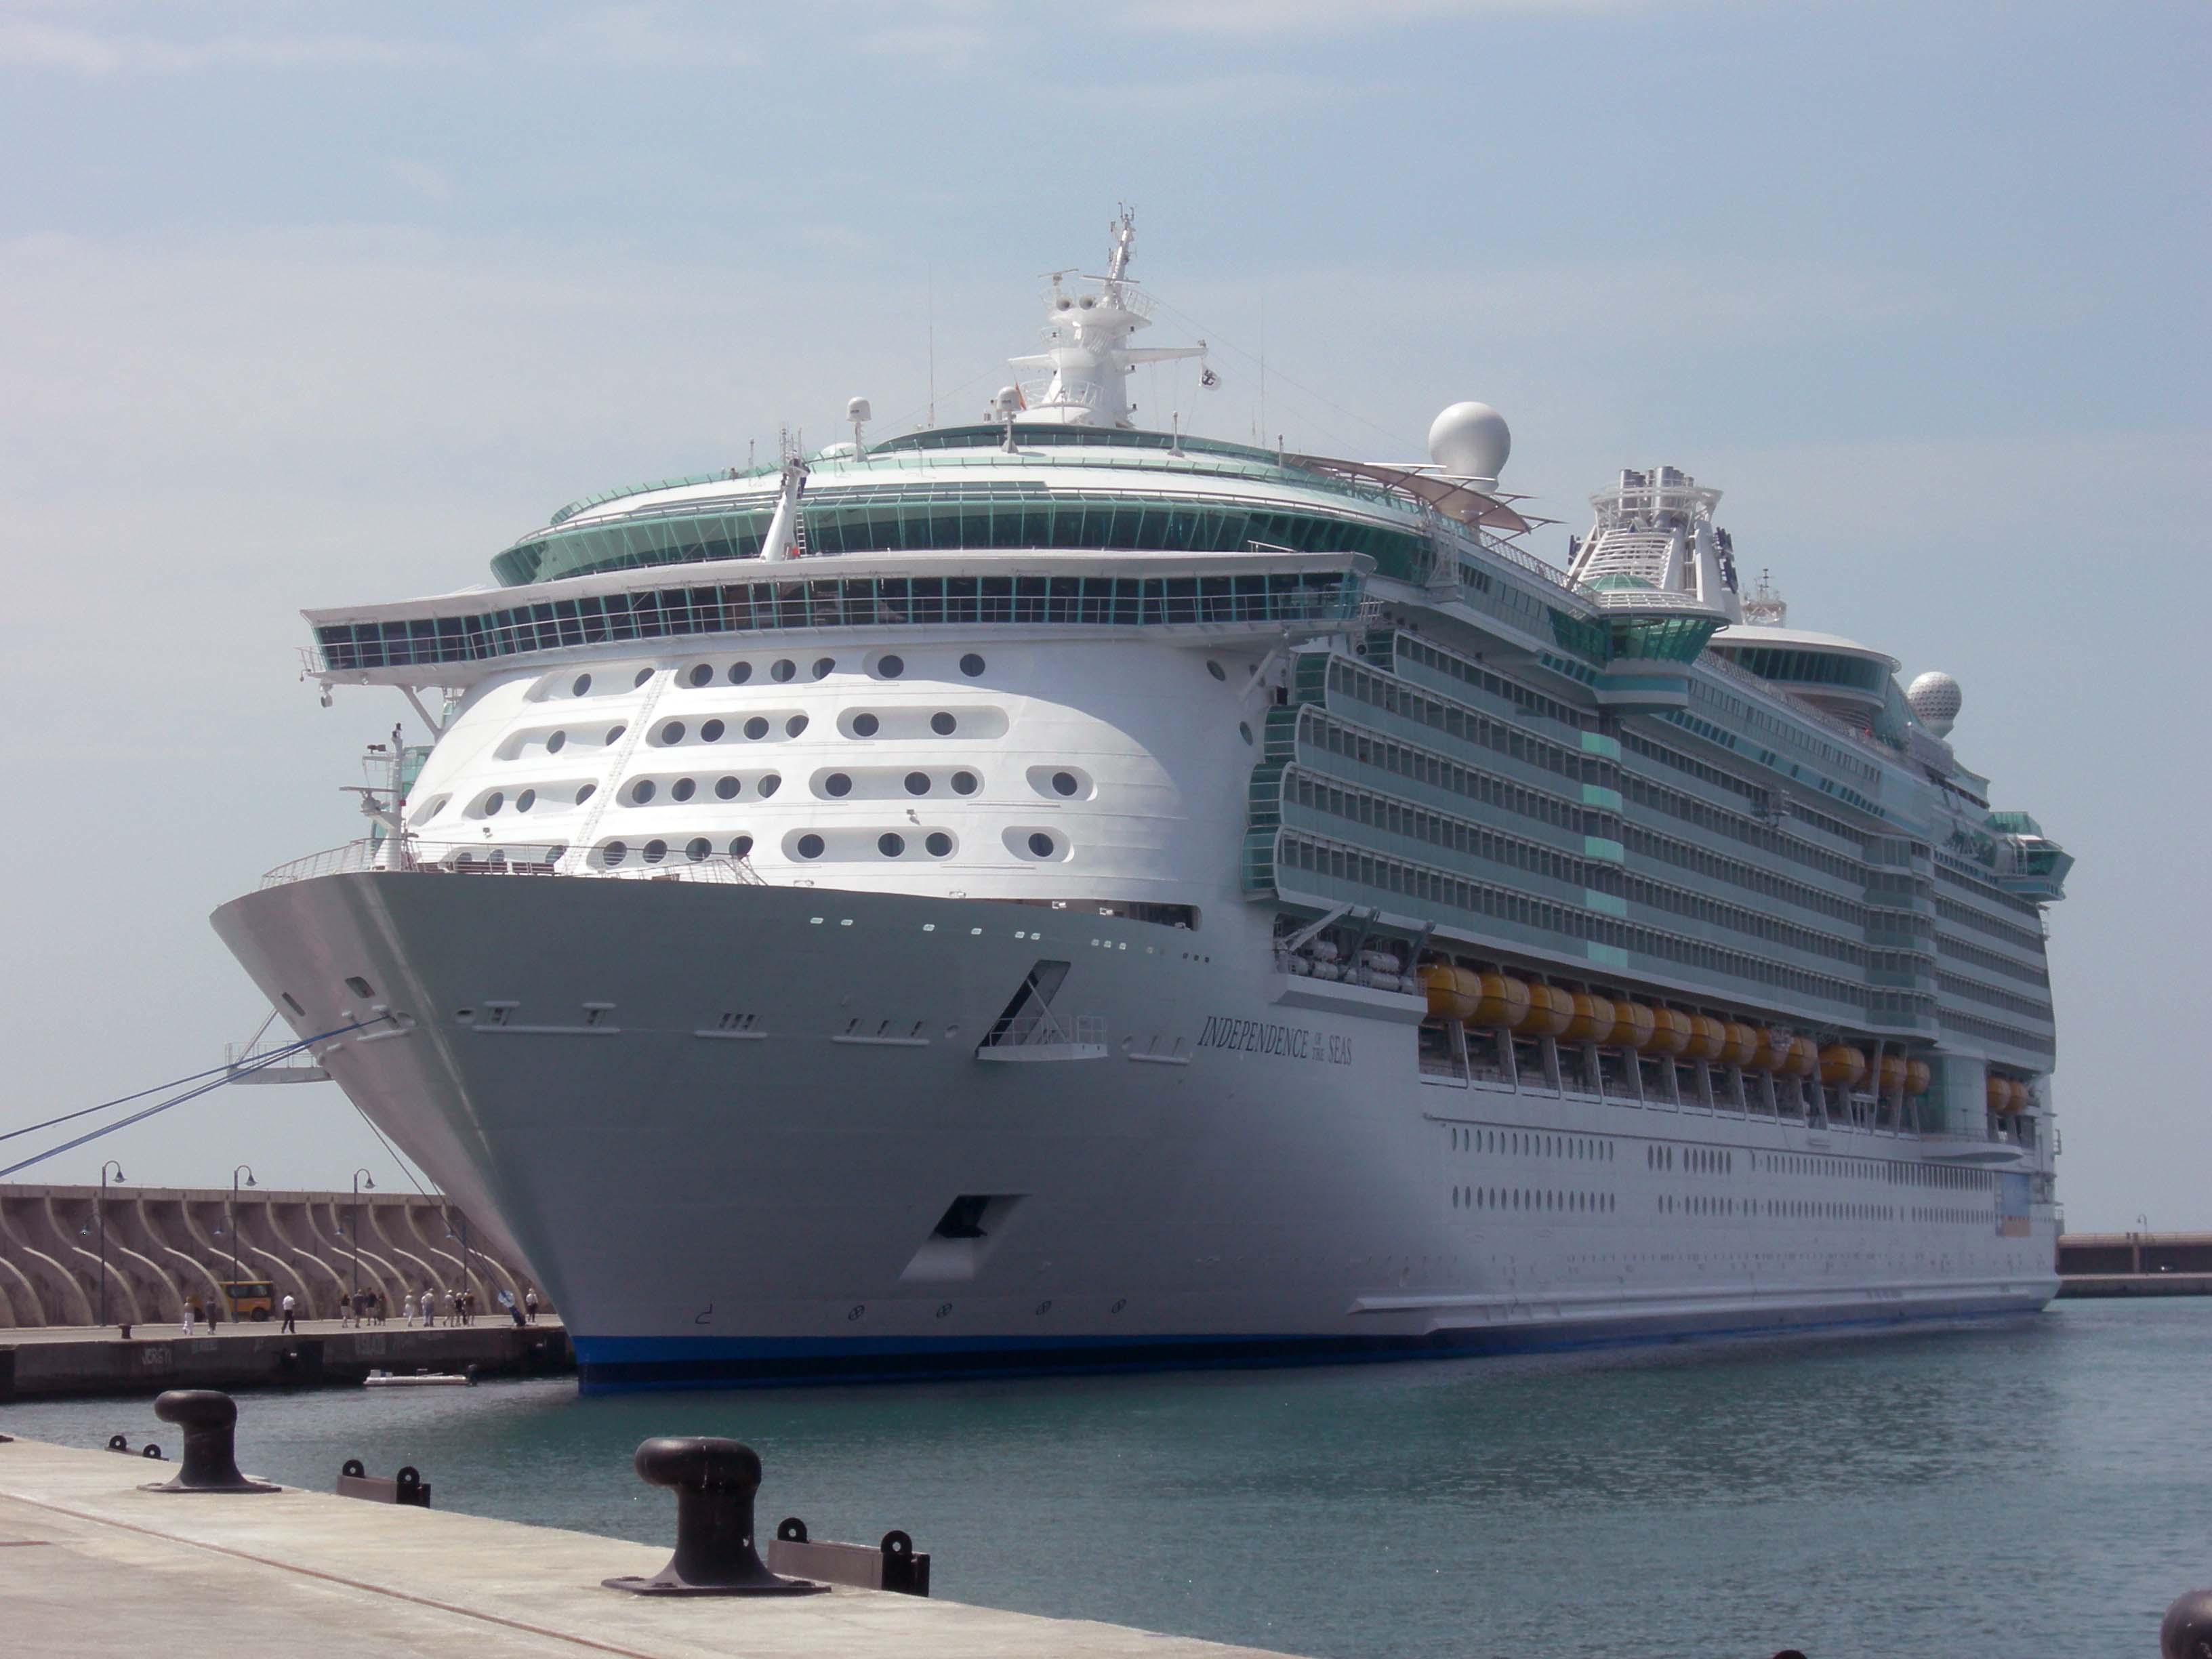 Hasta 15.000 visitantes llegarán a bordo de buques de crucero durante Feria